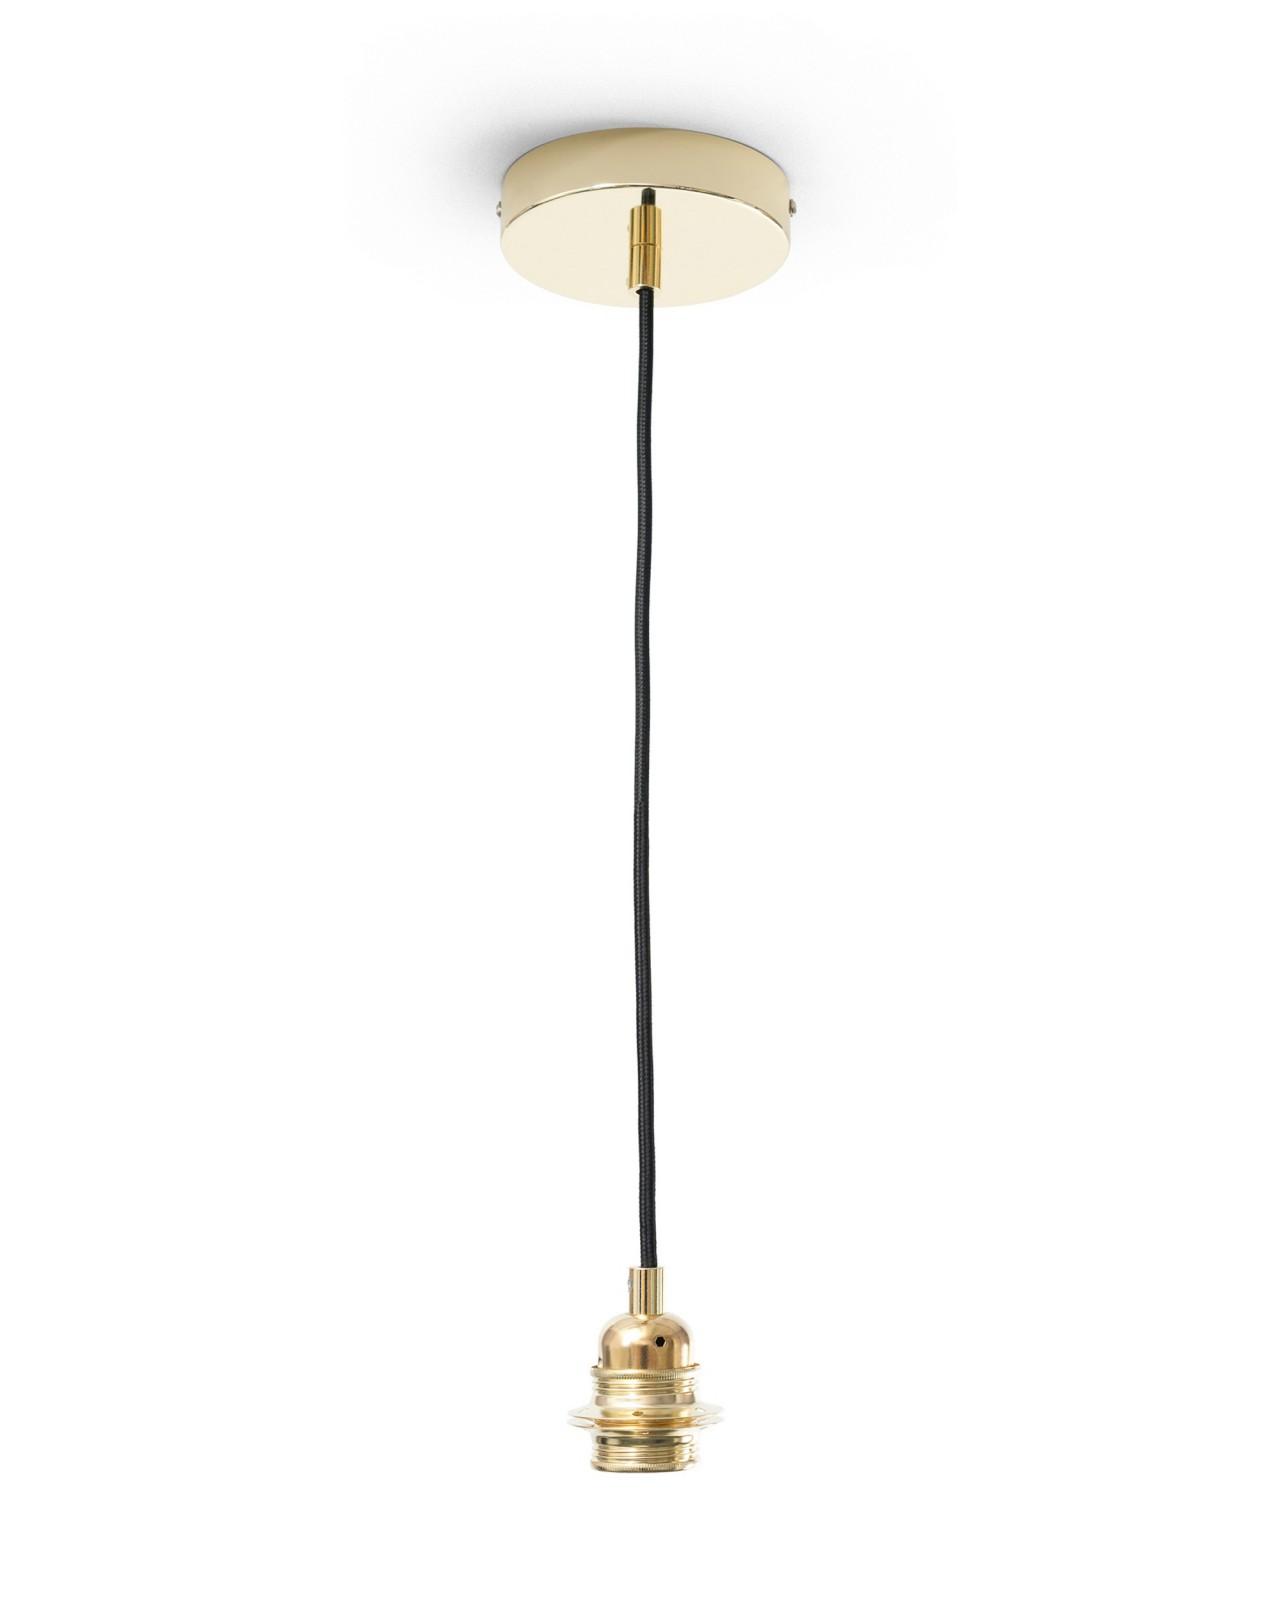 METROPOLIS Pendant Lamp